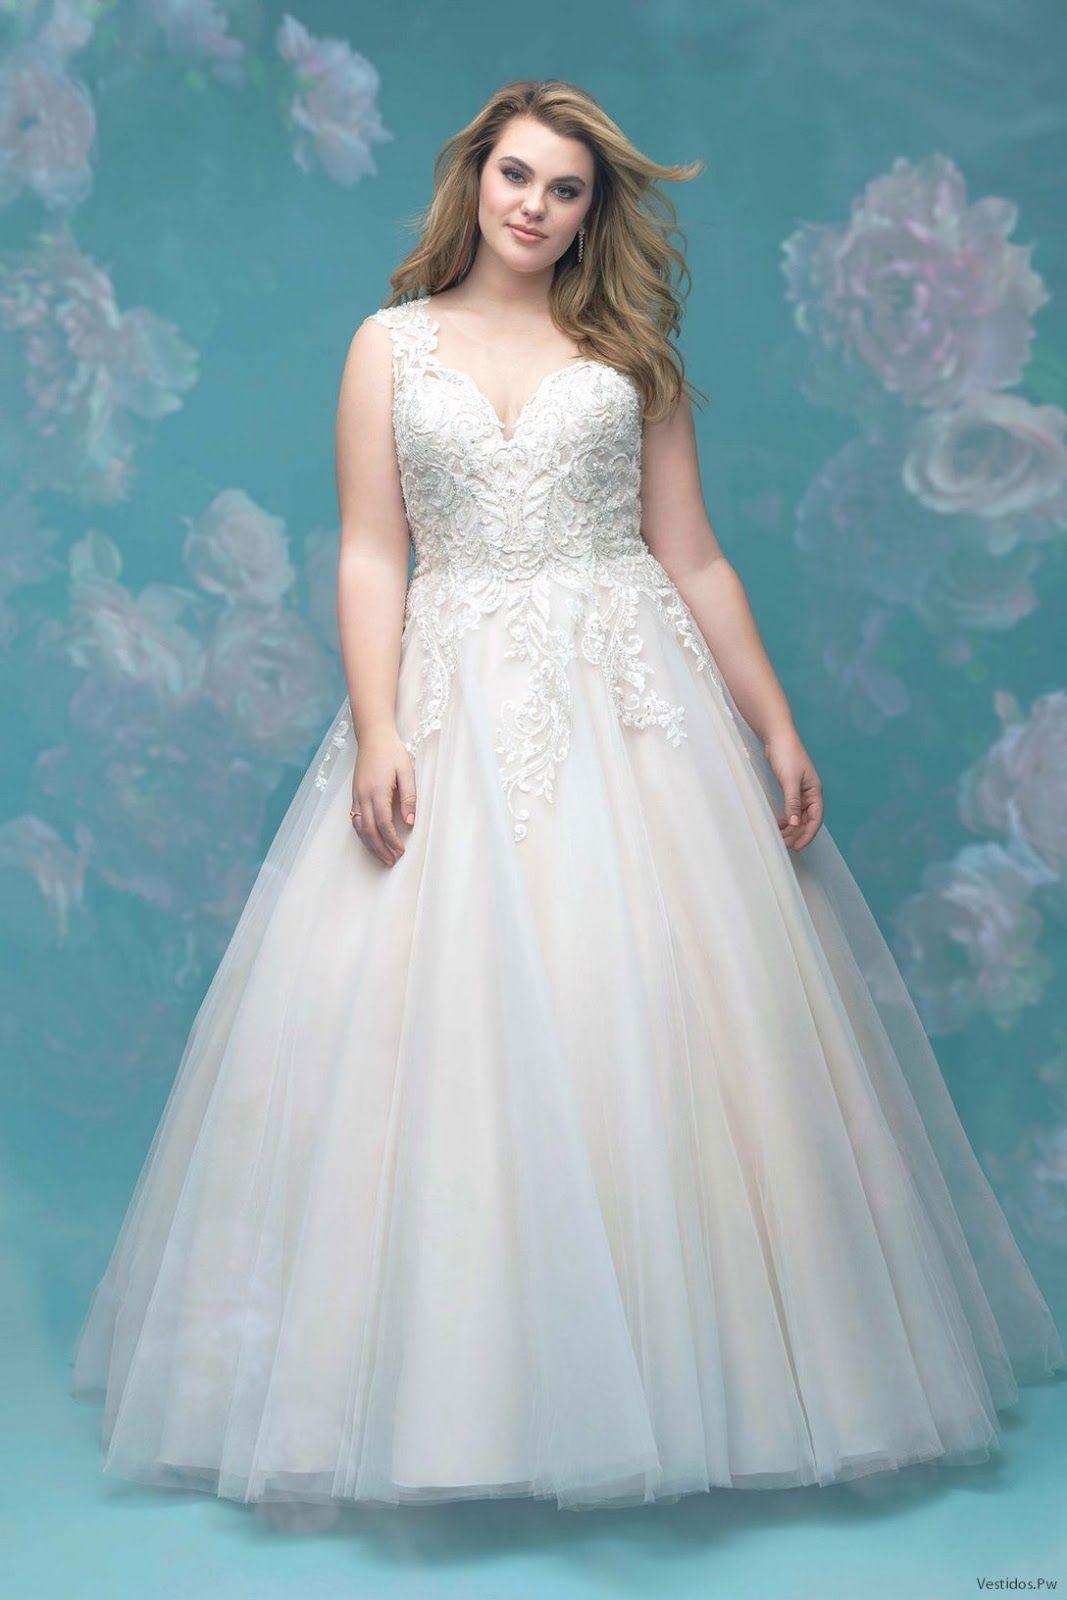 Vestidos-de-novia-para-gorditas-boda-civil+%2810%29.JPG (1067×1600 ...